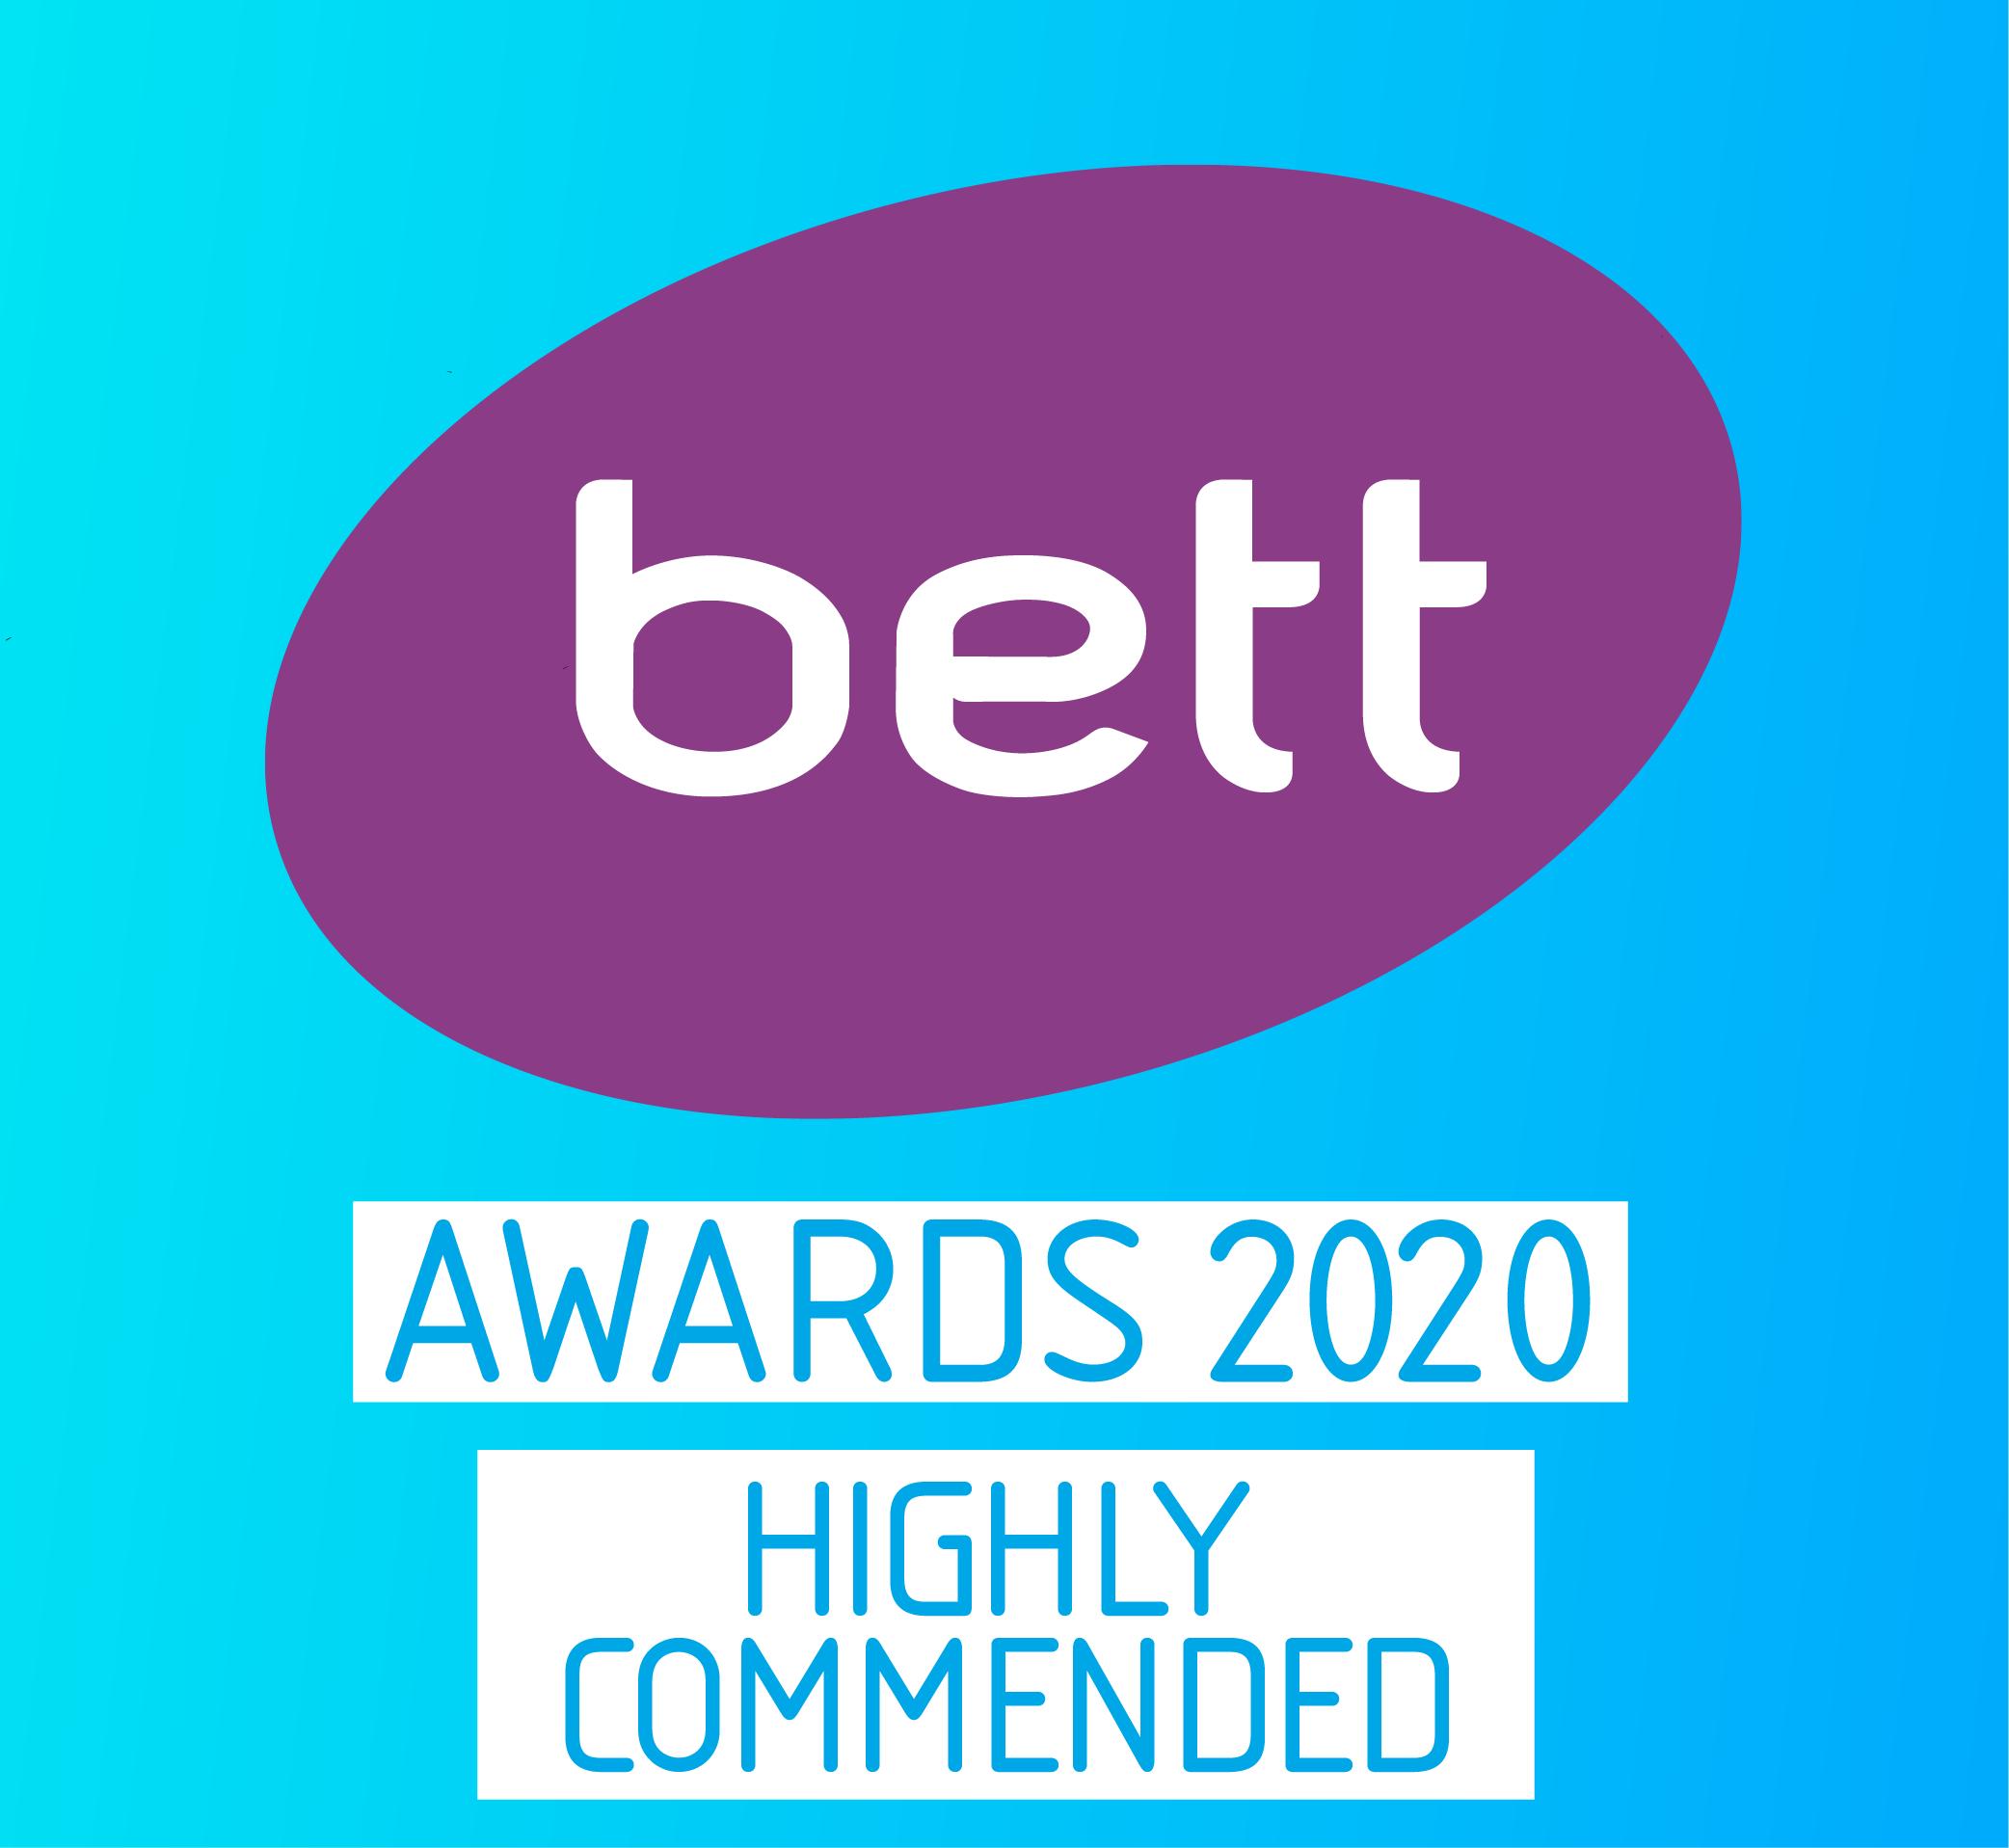 Bett Awards 2020 Highly Commended